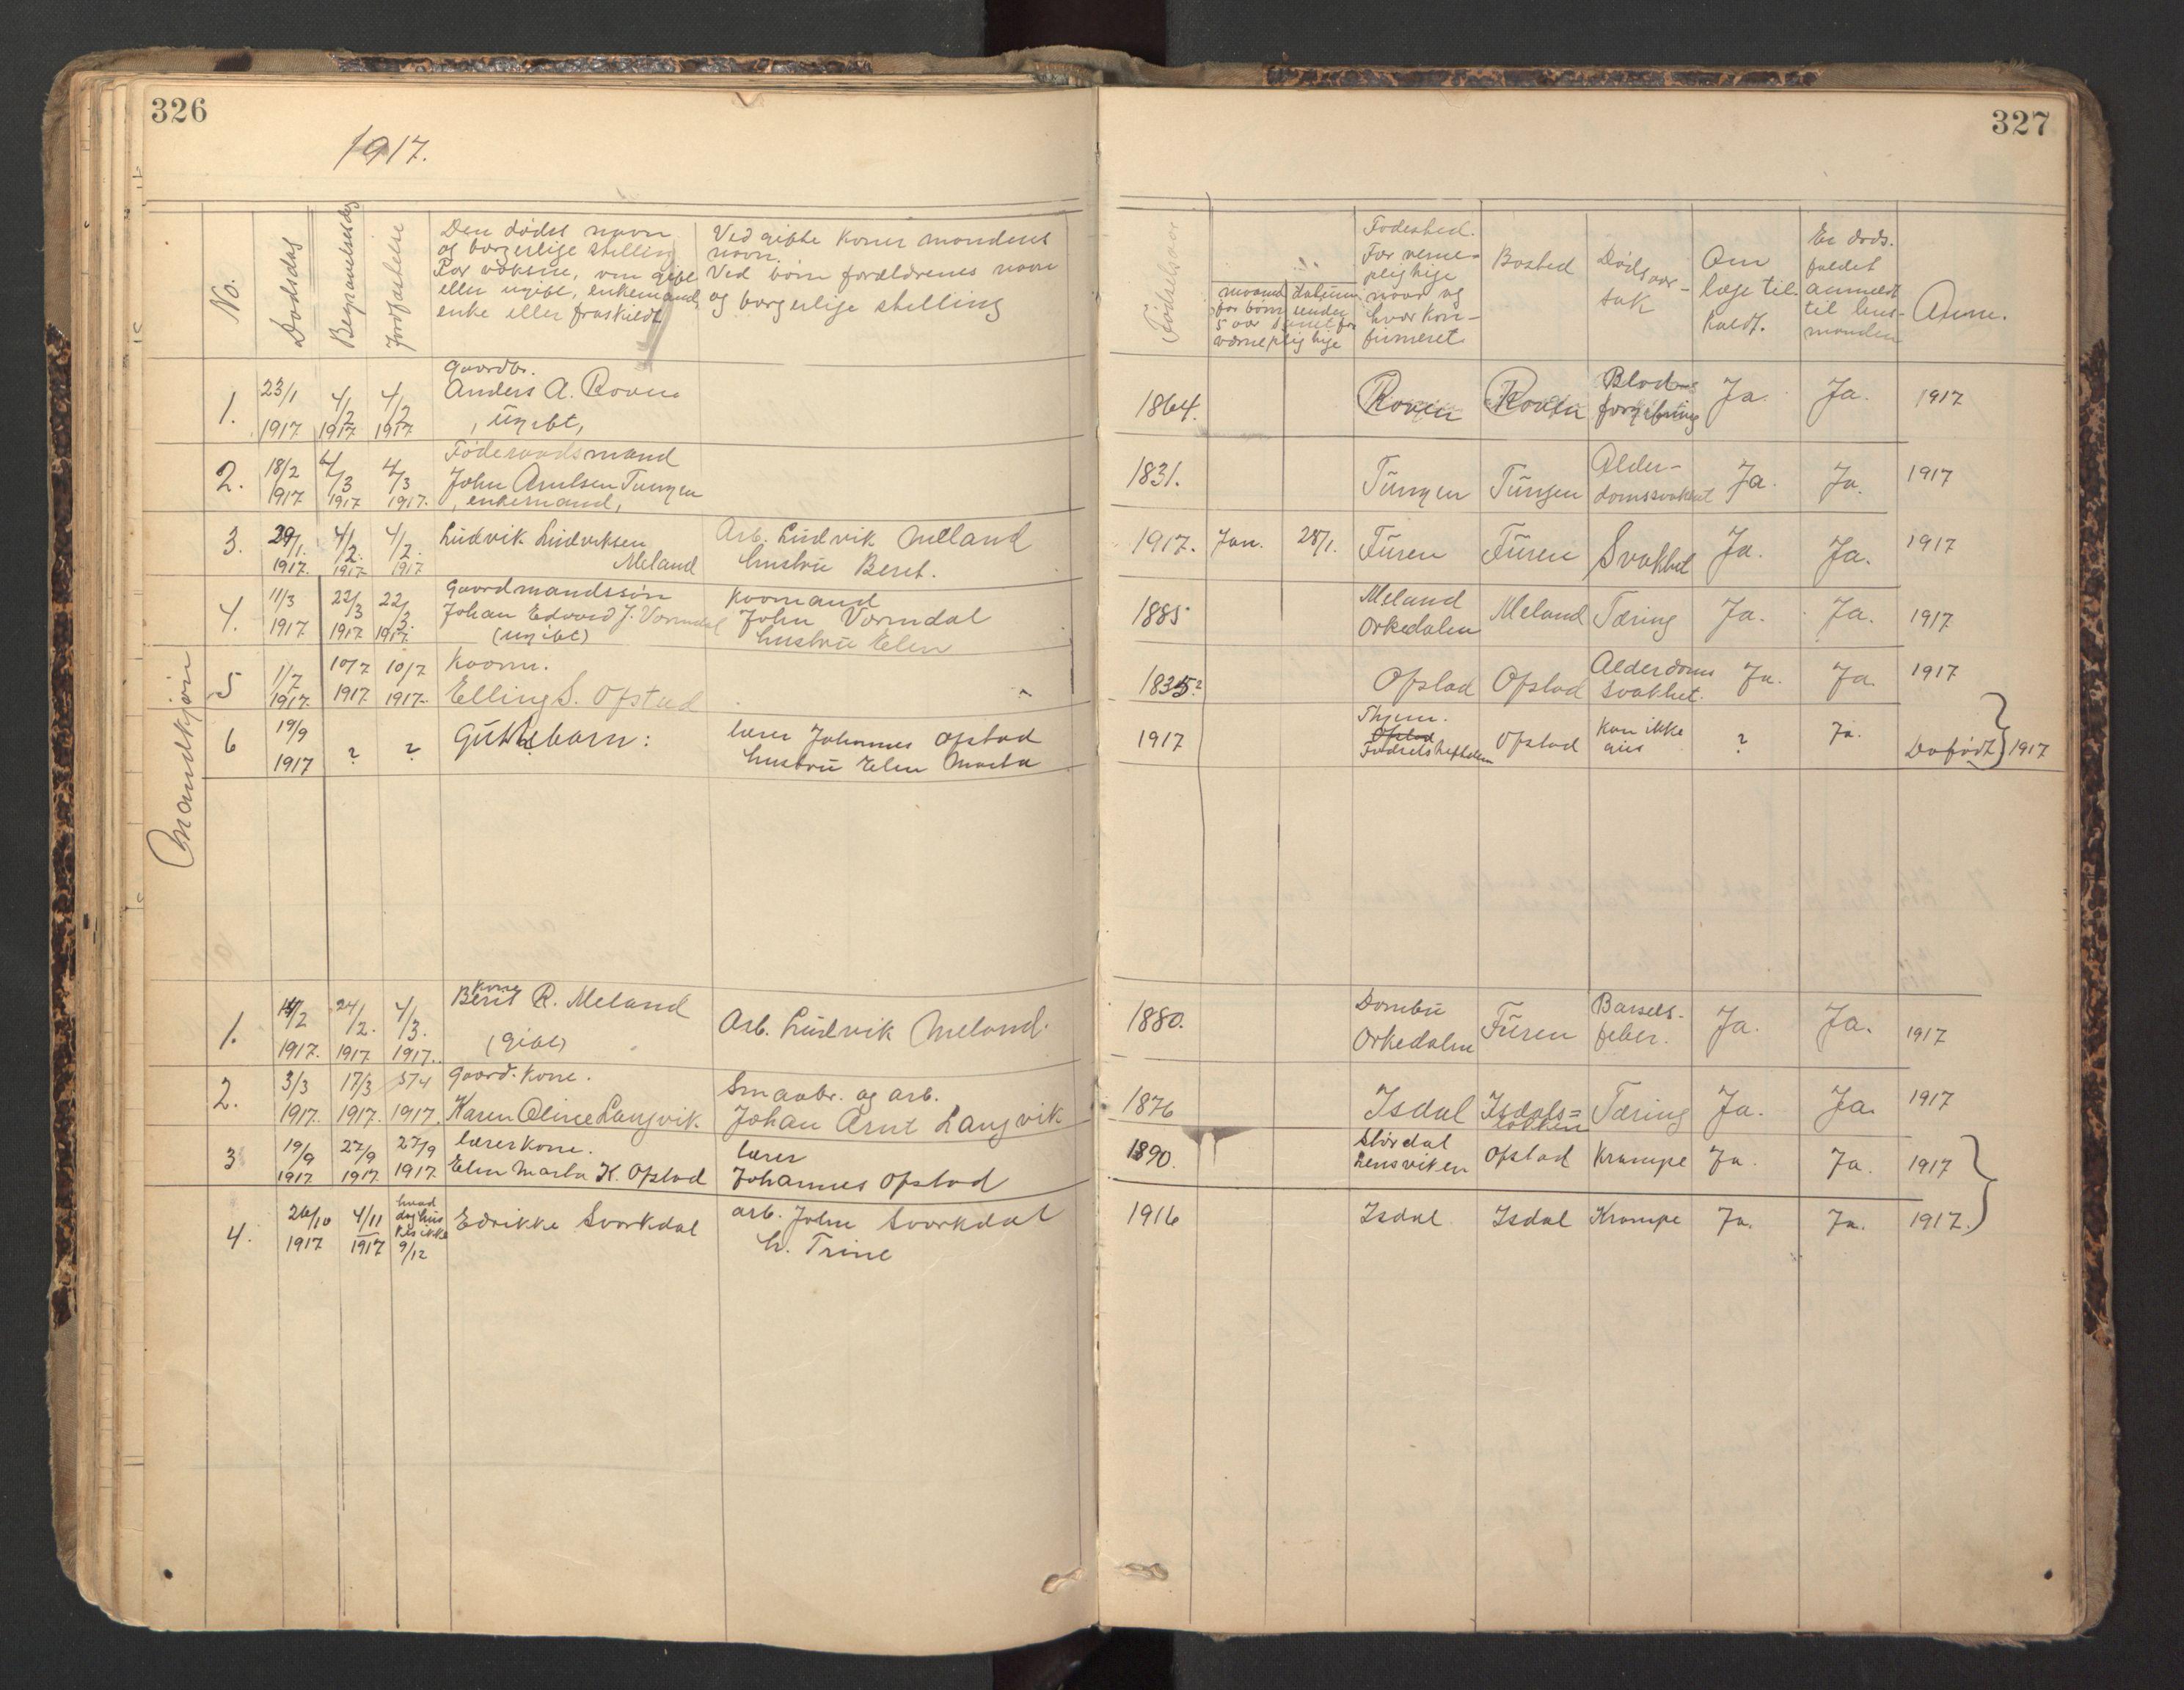 SAT, Ministerialprotokoller, klokkerbøker og fødselsregistre - Sør-Trøndelag, 670/L0837: Klokkerbok nr. 670C01, 1905-1946, s. 326-327